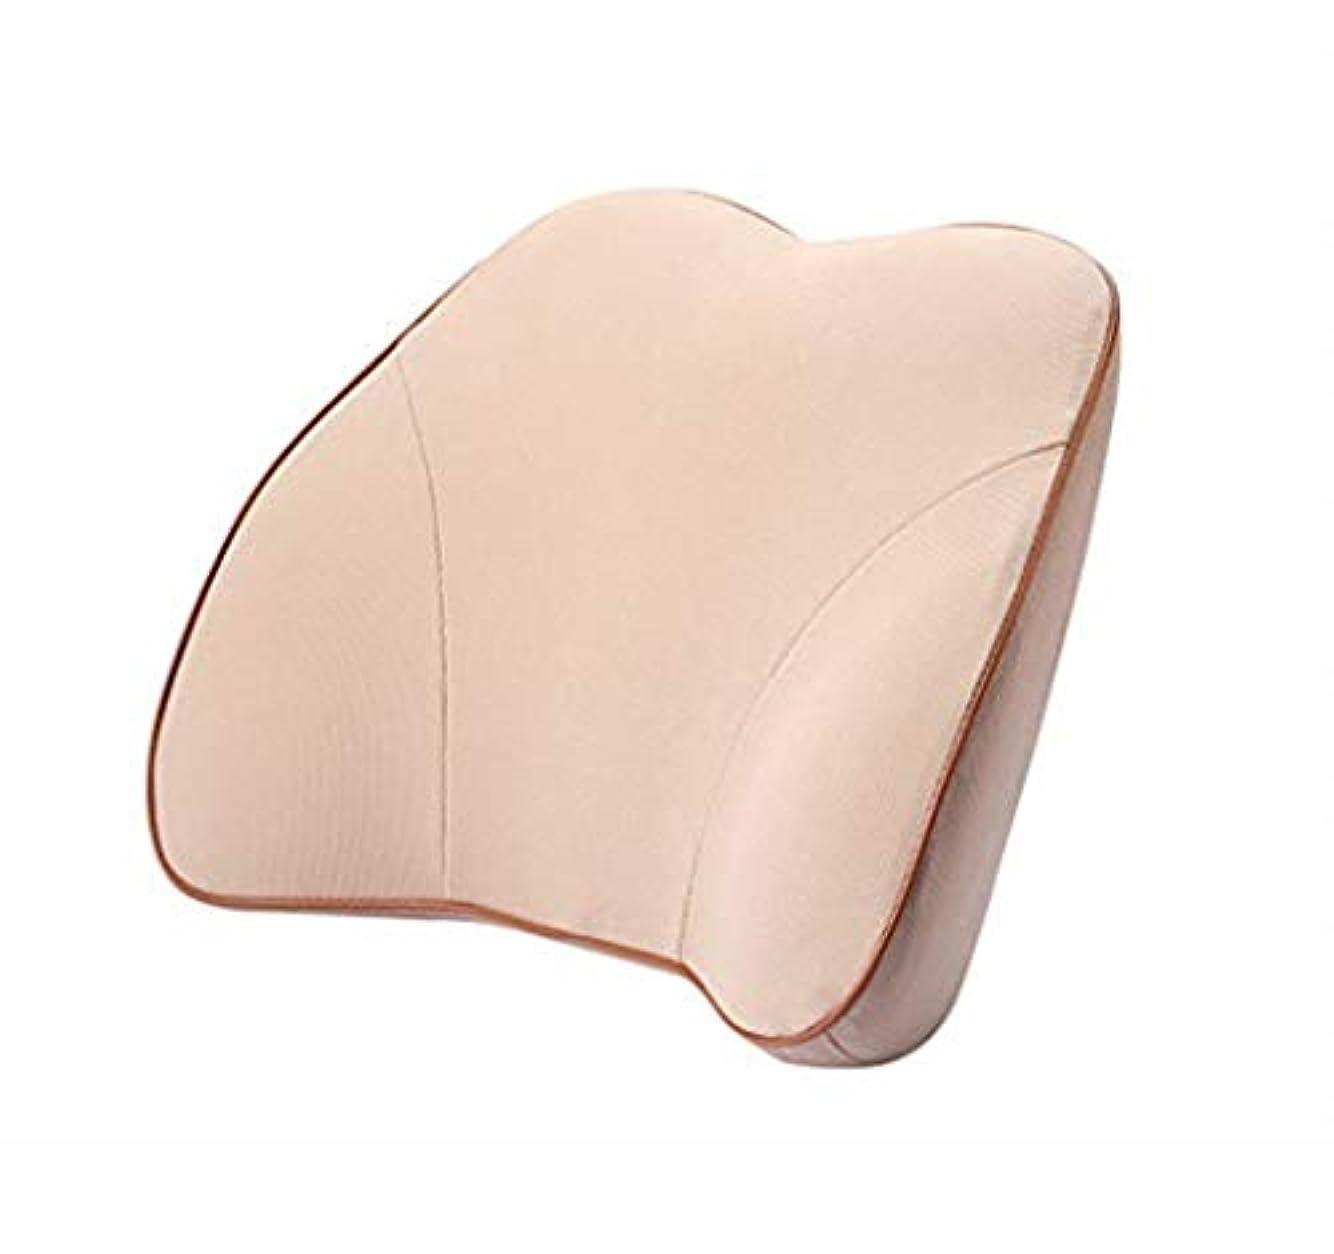 売る取り囲むペナルティ腰椎枕 - 100%低反発腰椎クッション - ポータブル枕 - 整形外科ウエストサポート枕 - 車のオフィスチェア - 長距離運転オフィスに適した腰痛緩和 (Color : Beige)